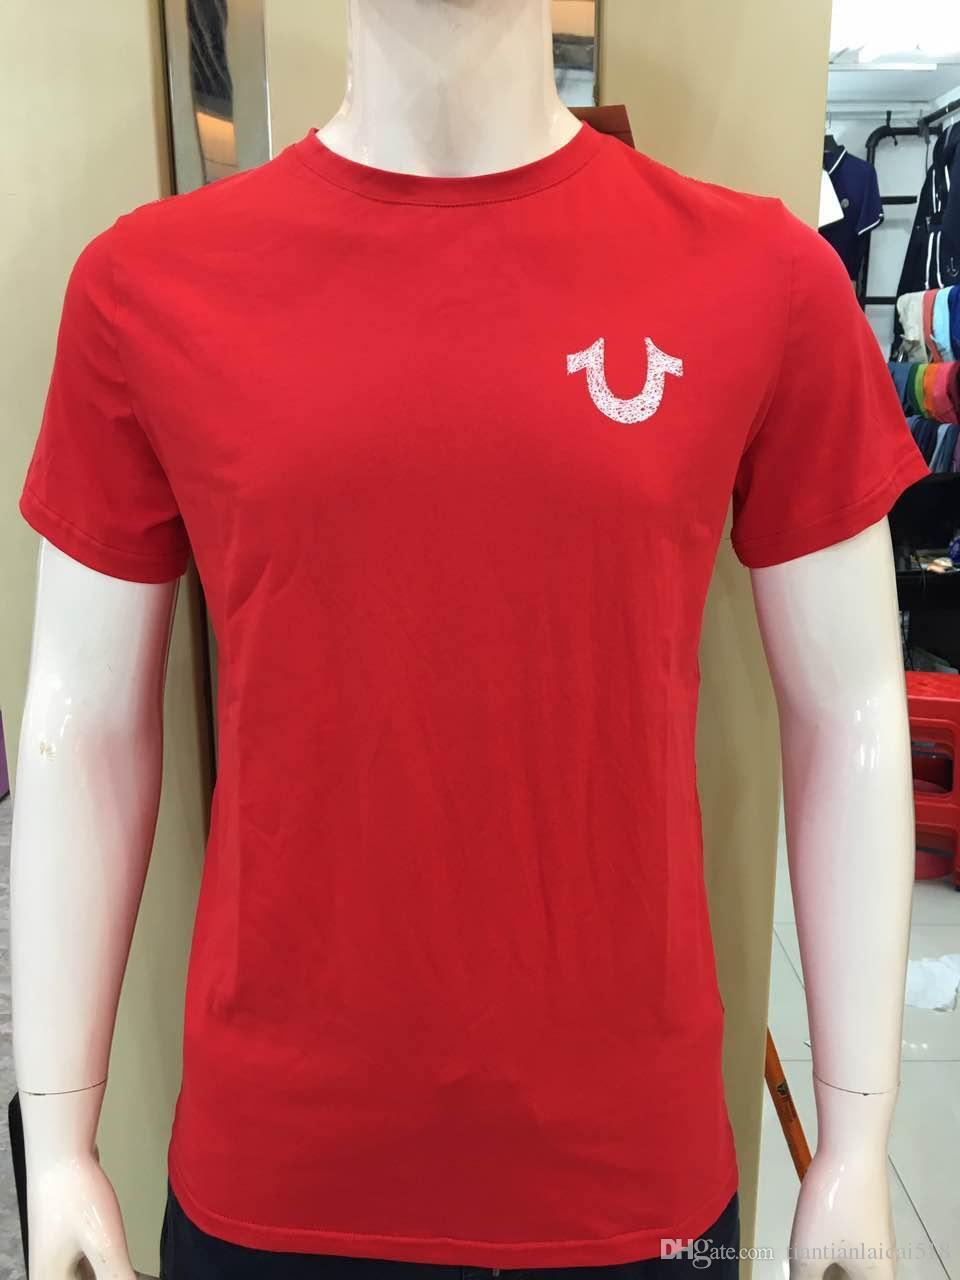 NUEVA alta calidad EE. UU. Rojo Negro Blanco Hombres Robin True Jeans Crew polo con alas Real American Jeans Club Slim abrigo camiseta